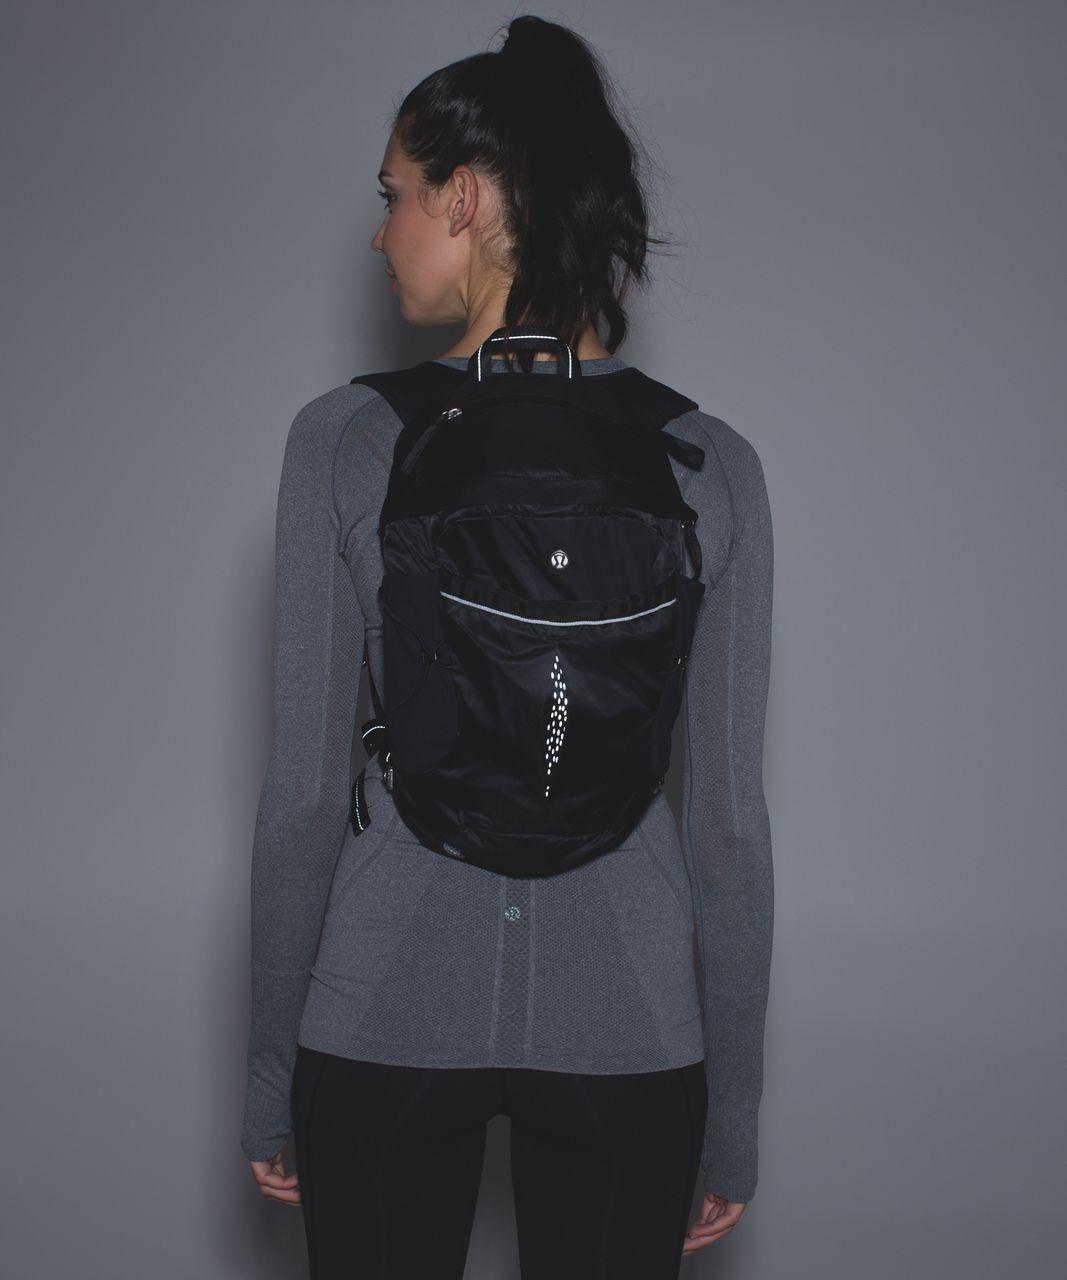 Lululemon Run All Day Backpack - Black